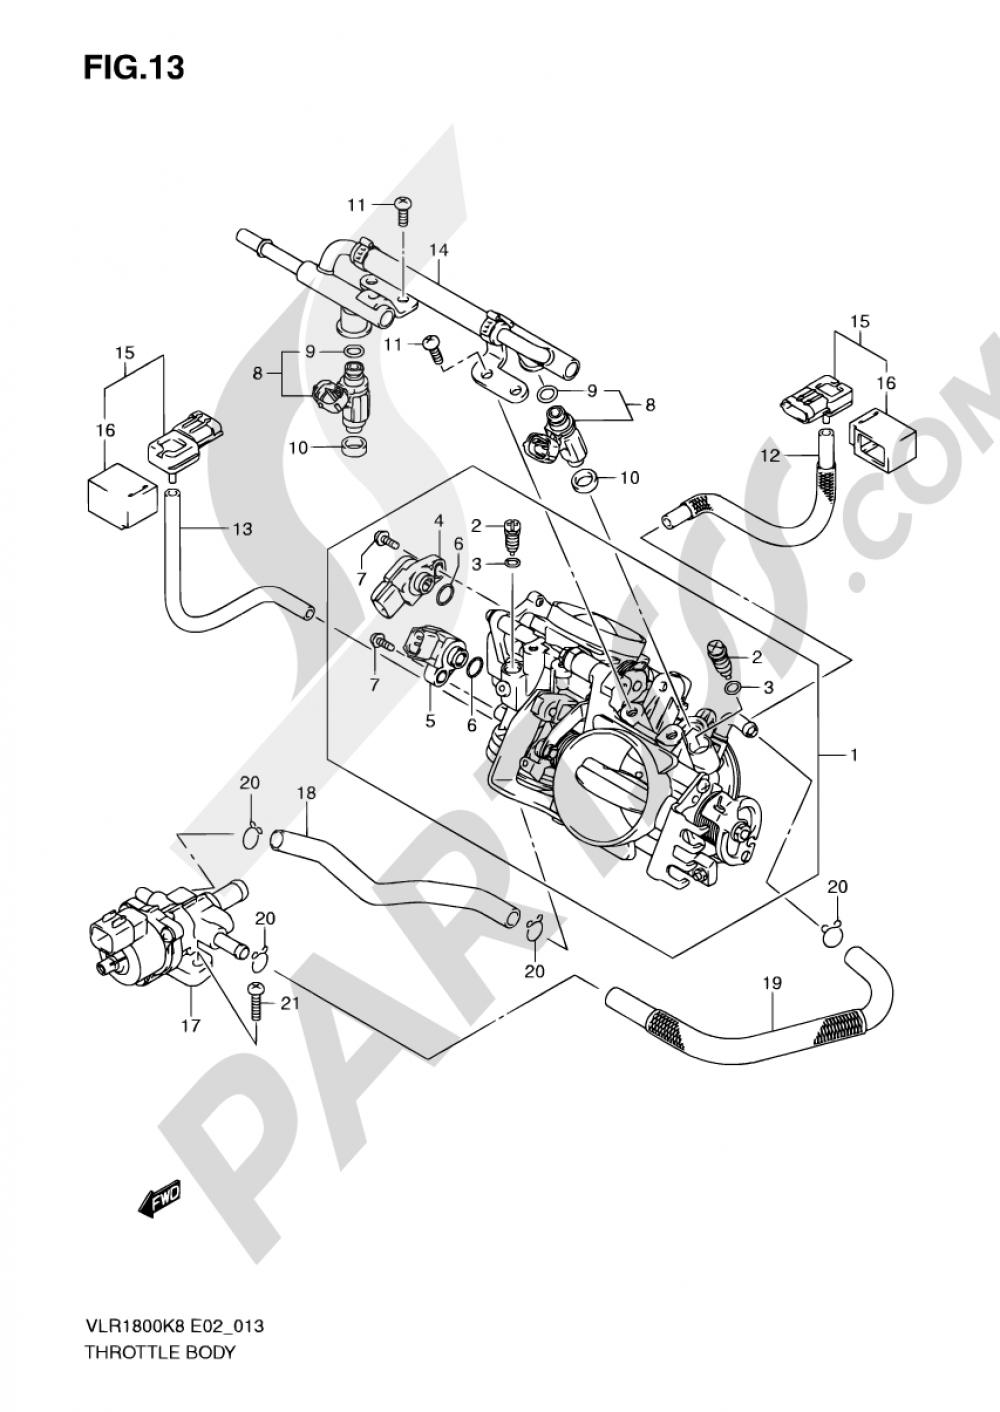 13 - THROTTLE BODY Suzuki INTRUDER VLR1800 2008